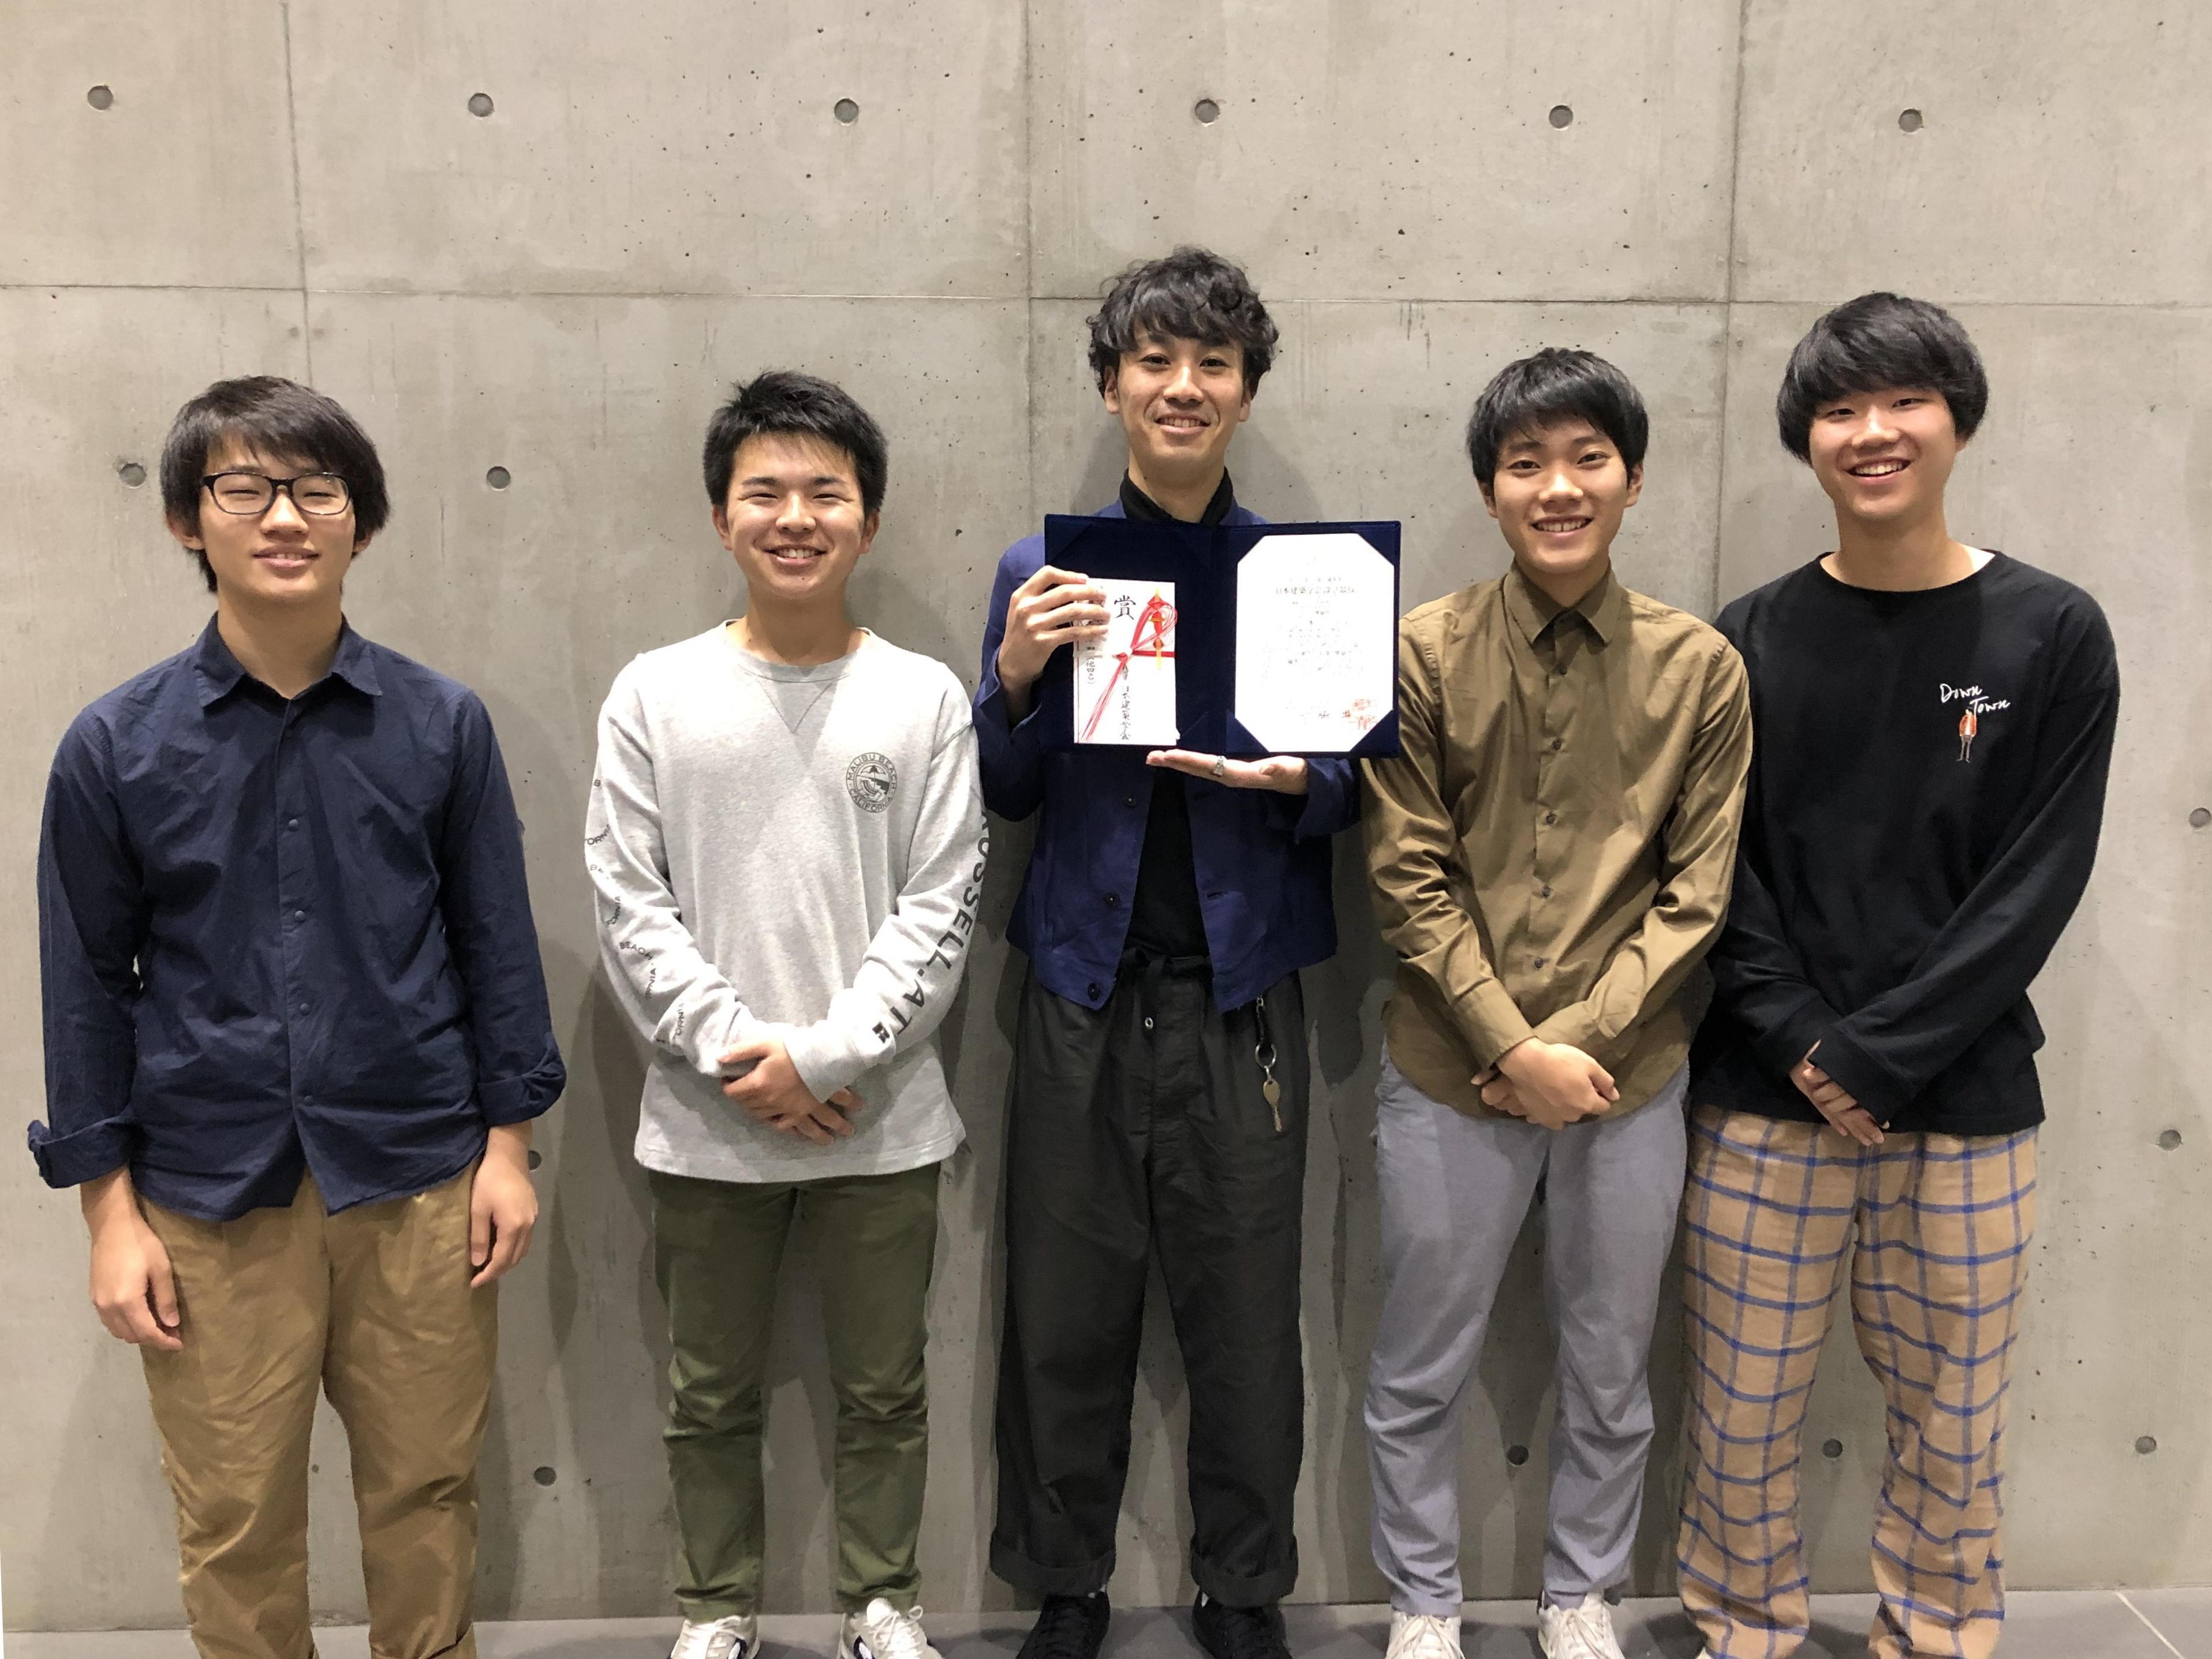 (左から)和田さん、水谷さん、宮本さん、岡田さん、森さん